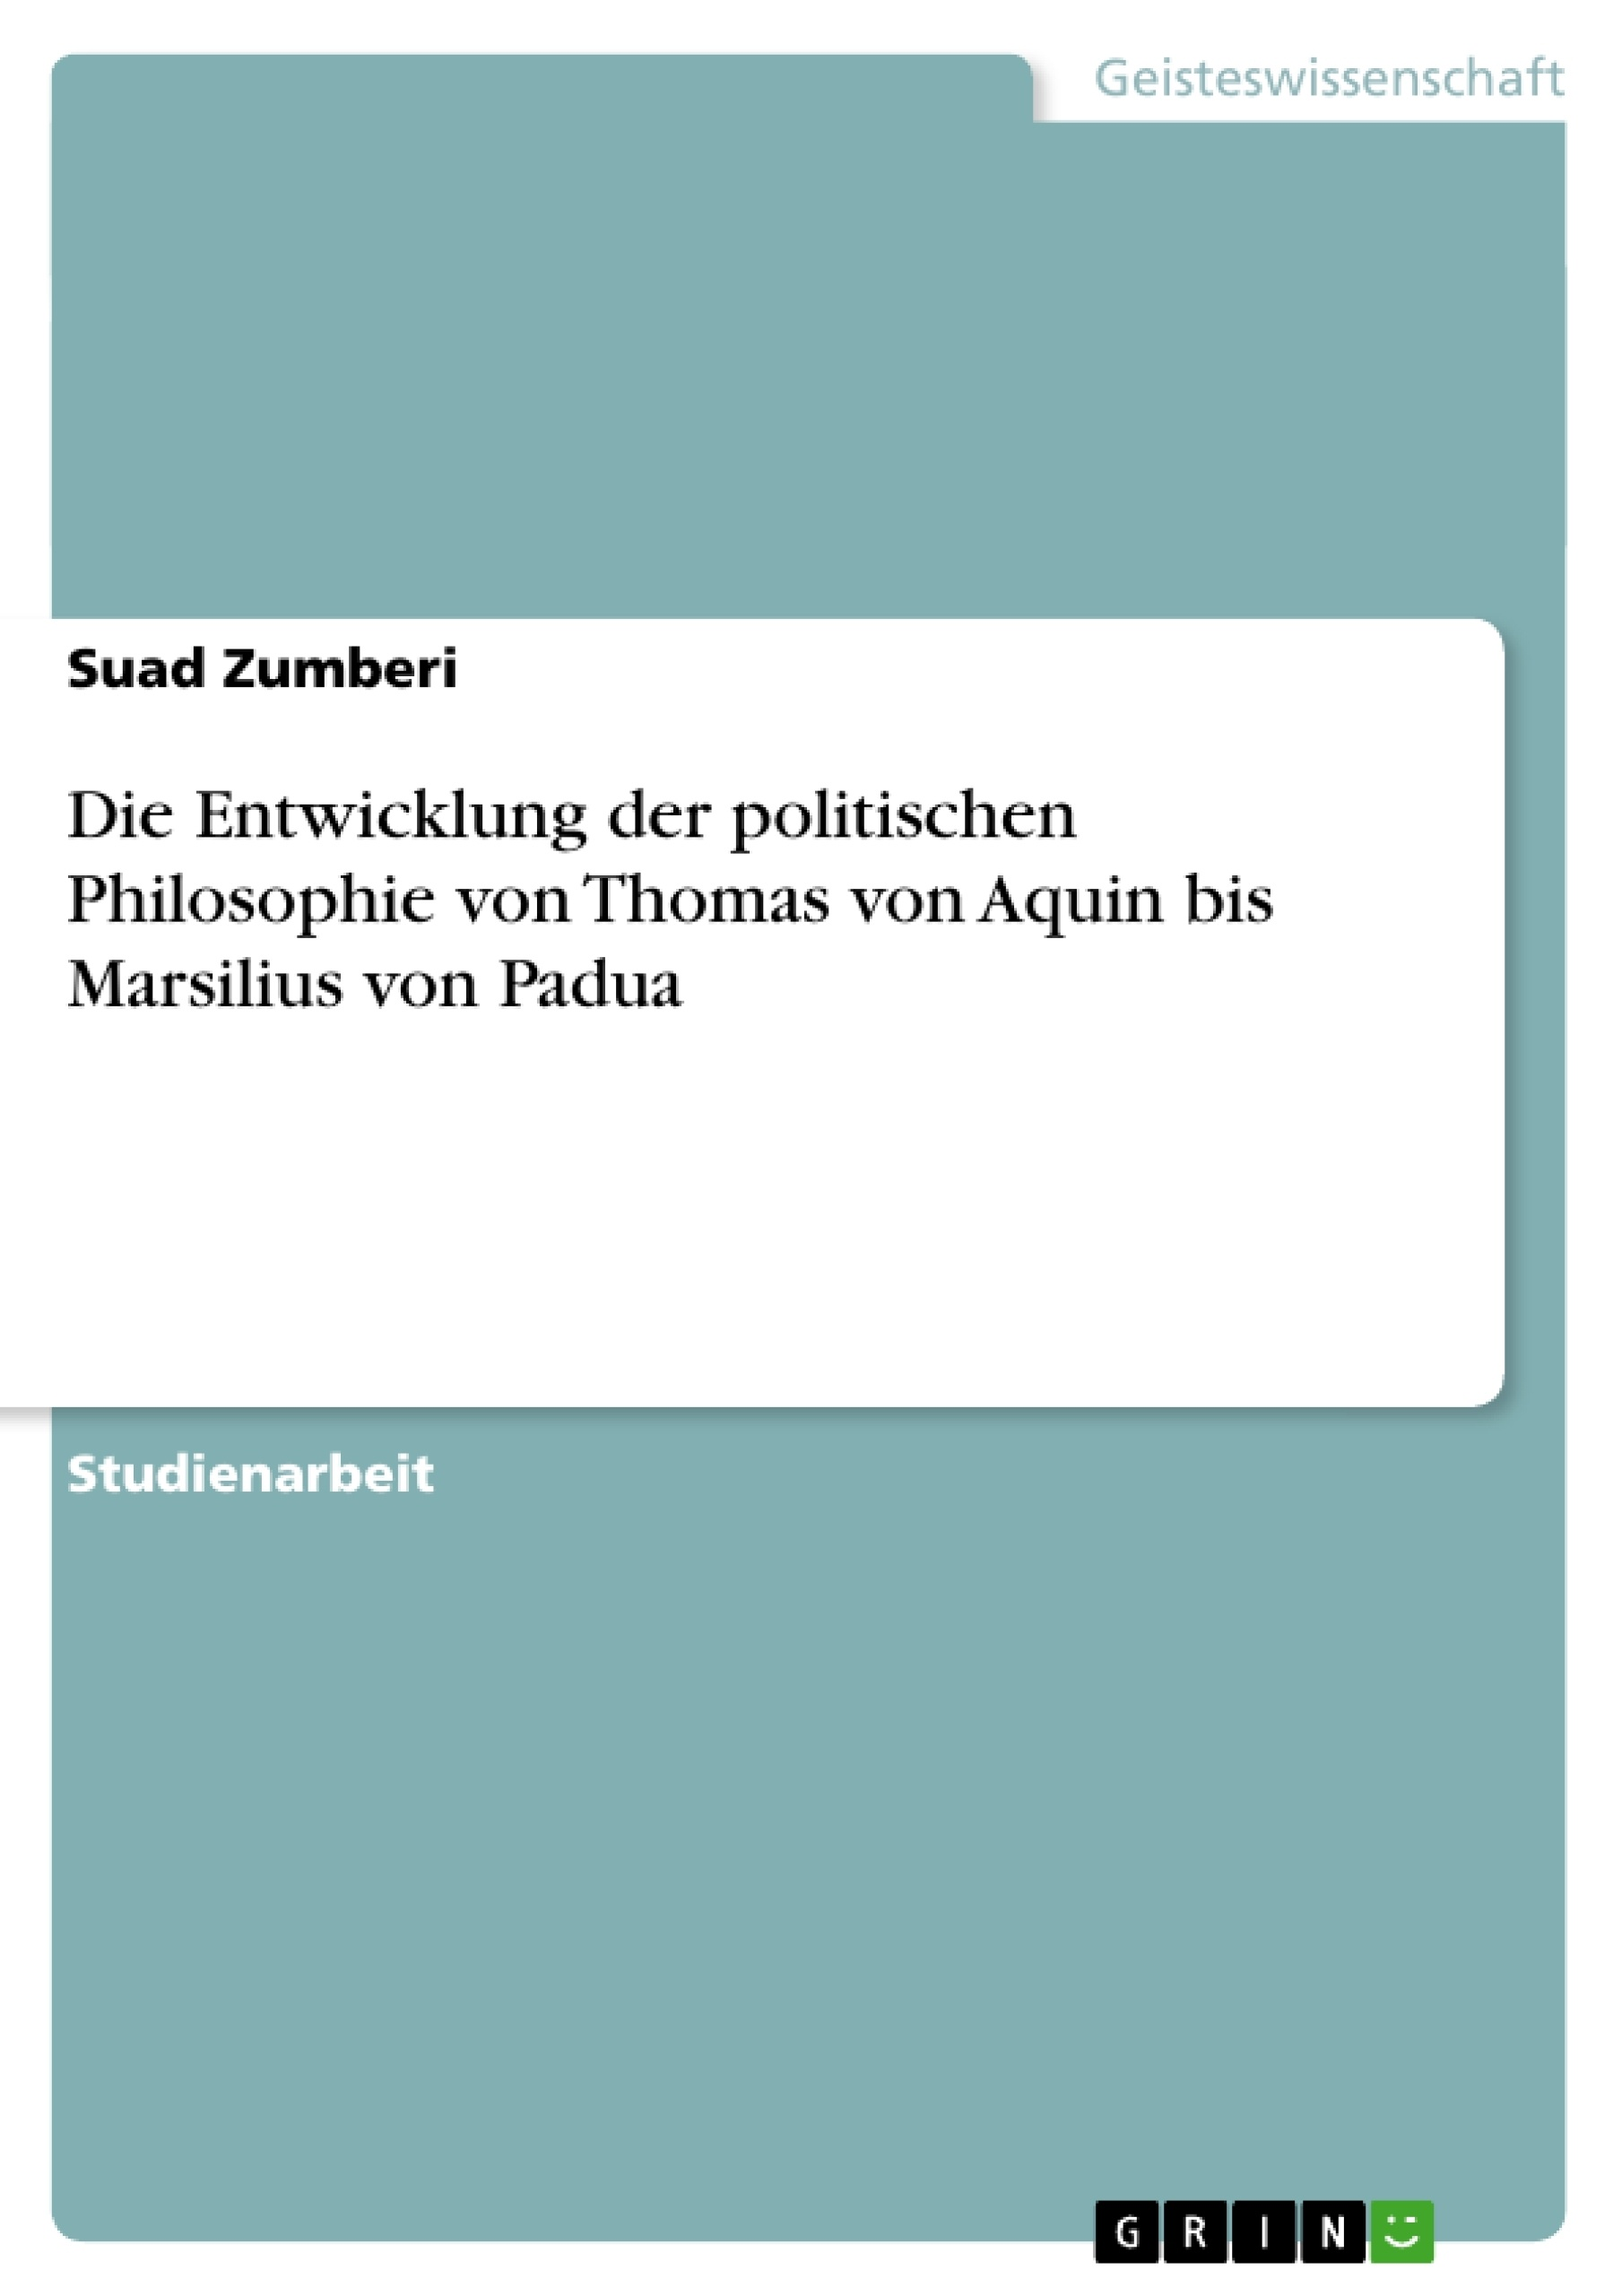 Titel: Die Entwicklung der politischen Philosophie von Thomas von Aquin bis Marsilius von Padua